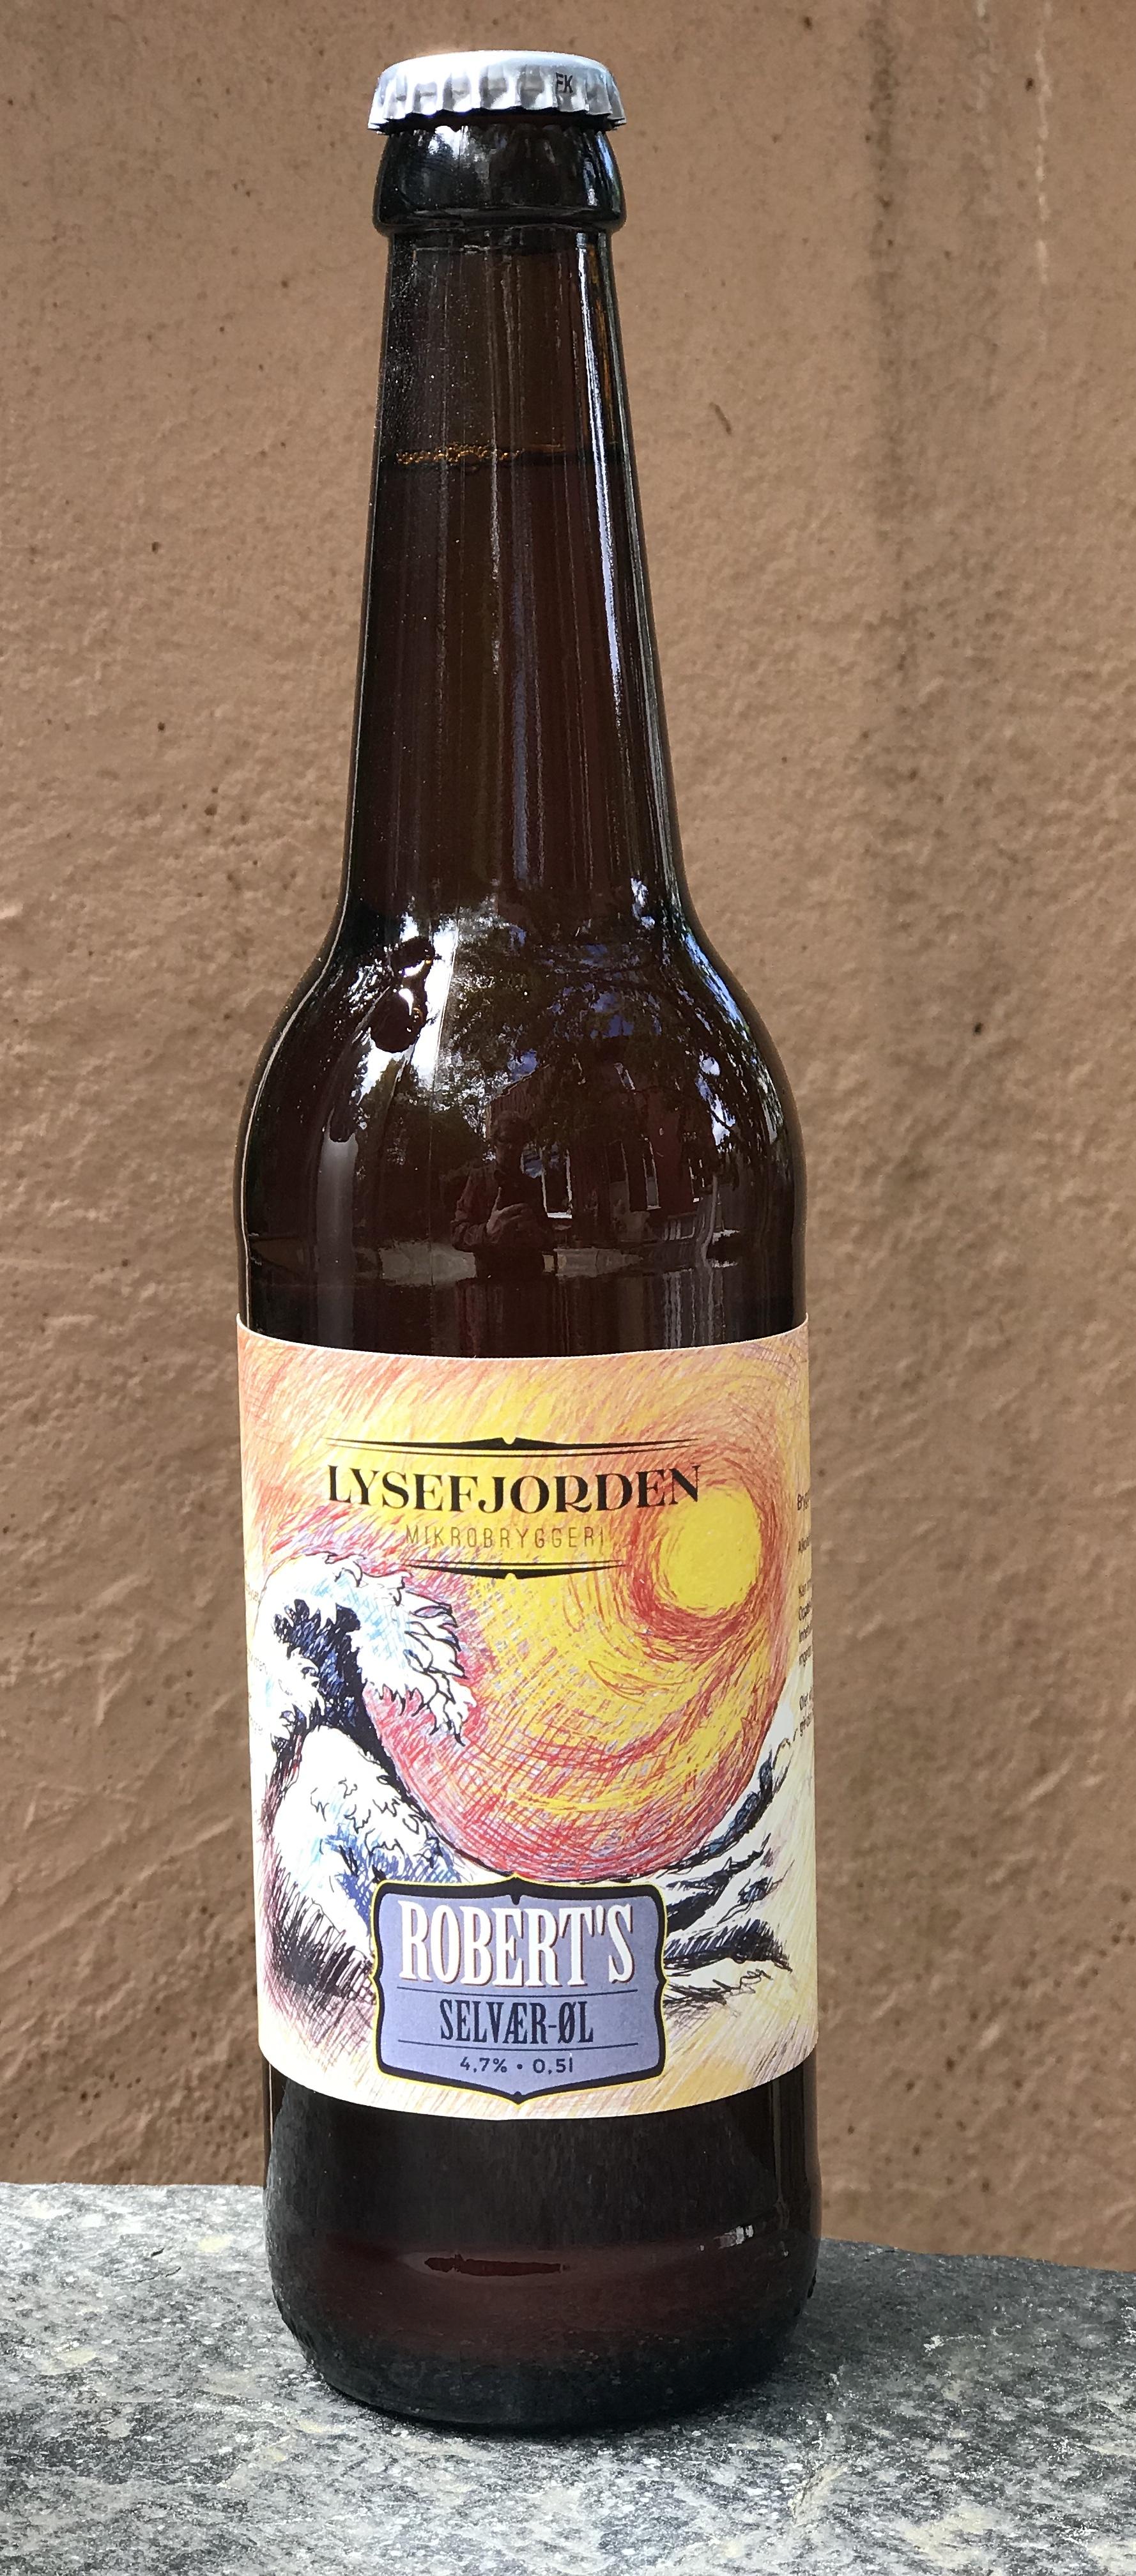 Ferdig flasket Selvær-øl; en ypperlig ale til sjømat. Bare prøv.